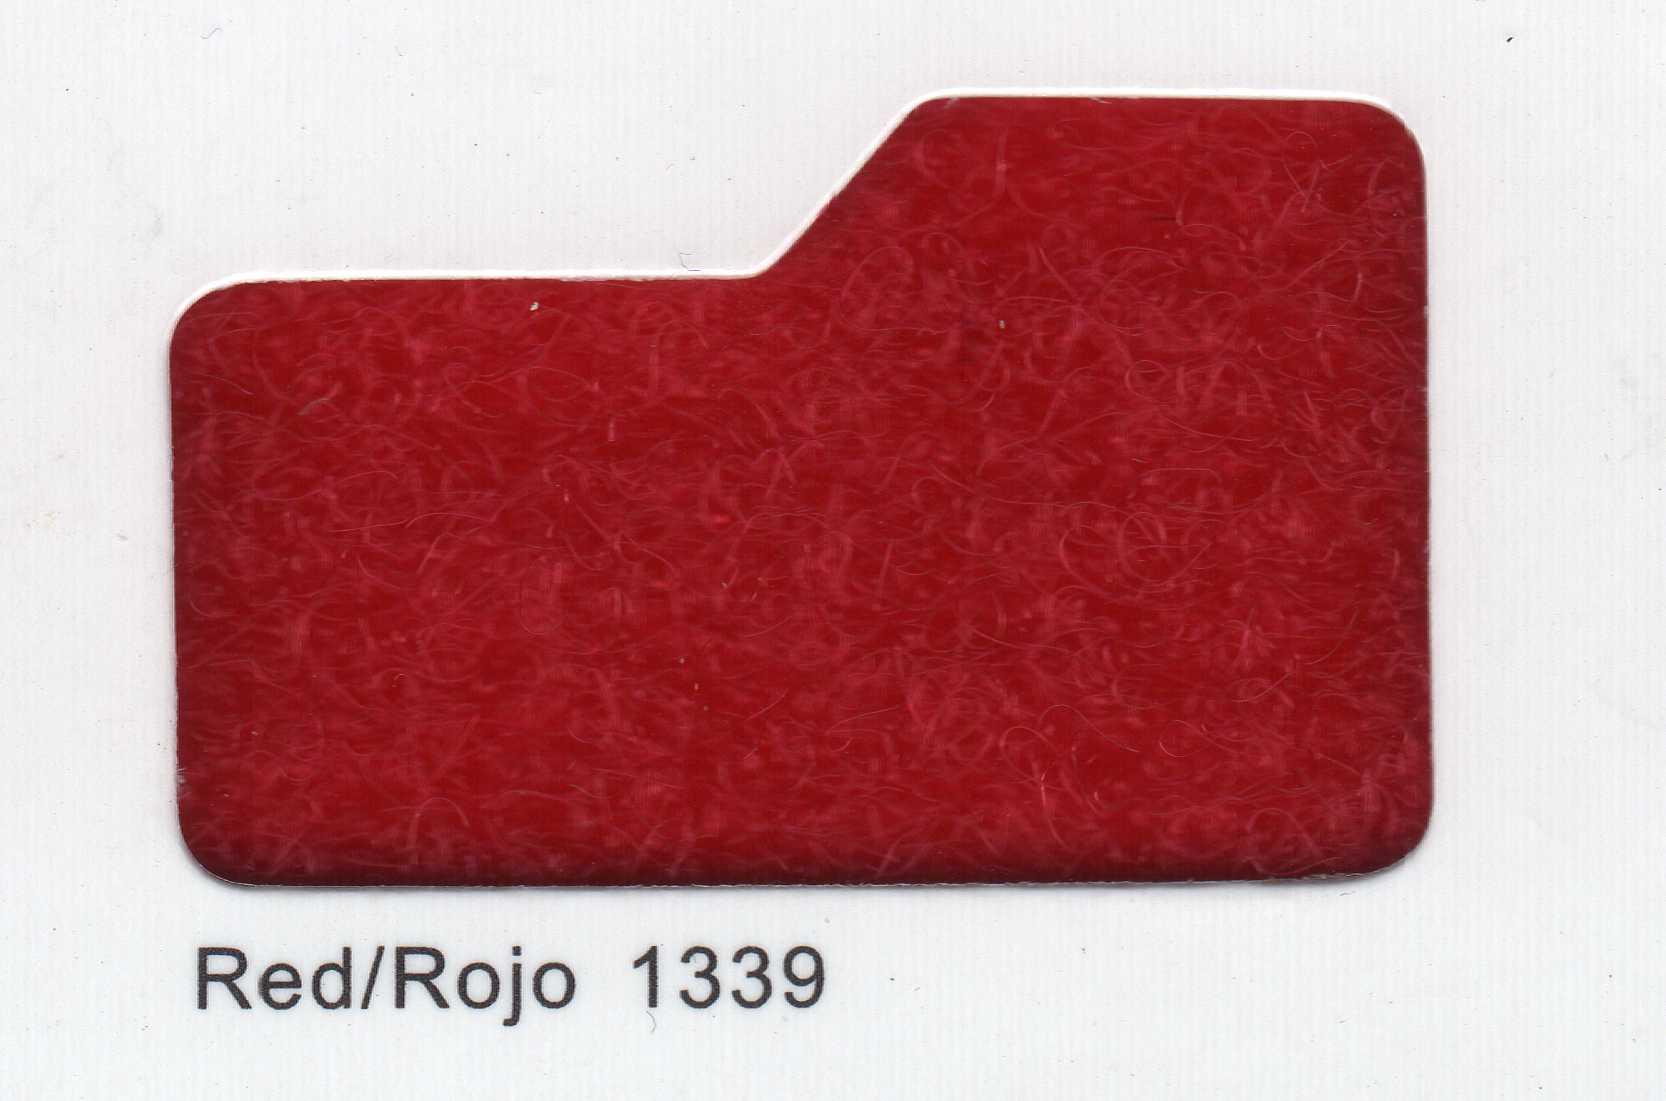 Cinta de cierre Velcro-Veraco 100mm Rojo 1339 (Gancho).